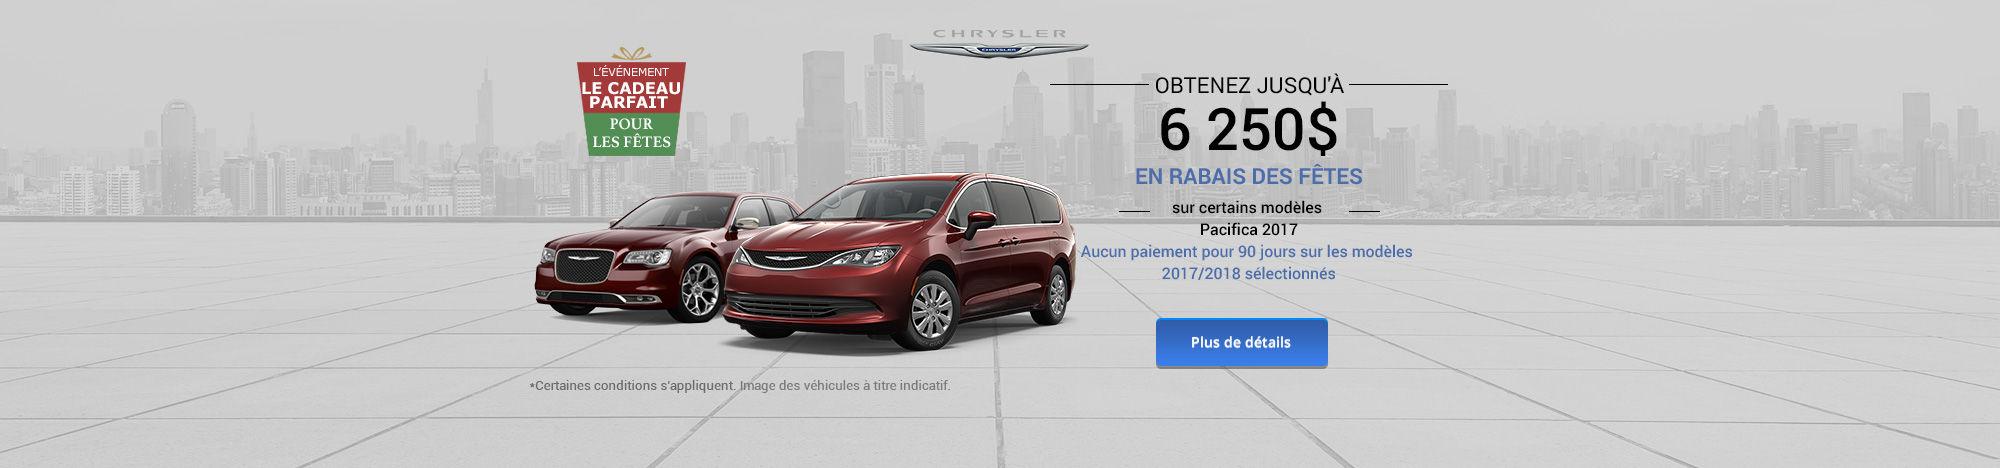 L'événement le cadeau parfait - Chrysler